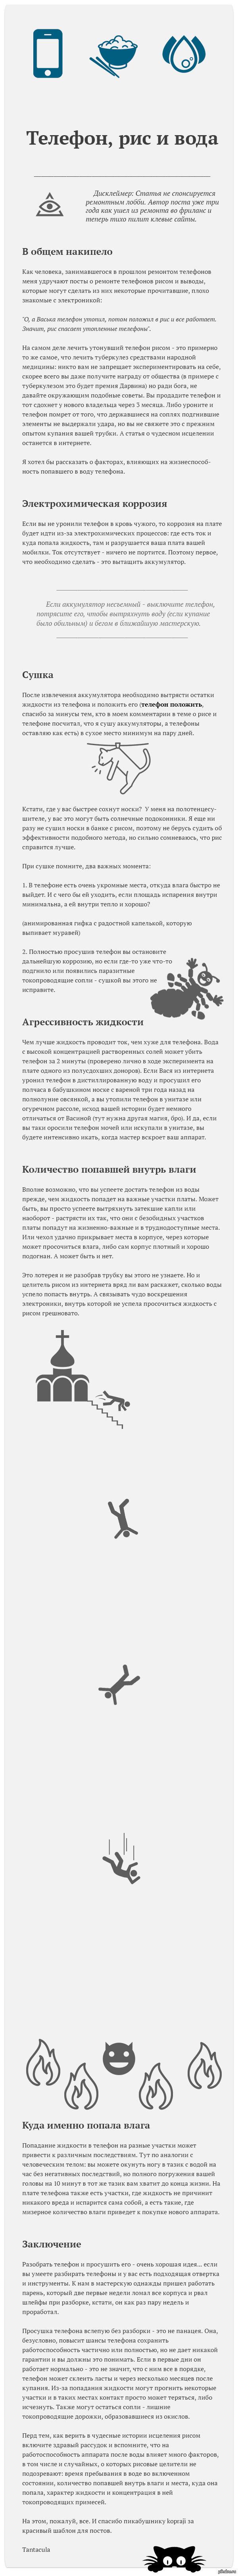 """Телефон, рис и вода К посту <a href=""""http://pikabu.ru/story/telefon_i_ris_3457397"""">http://pikabu.ru/story/_3457397</a> о том, как пикабушник сначала окунул телефон телефон в унитаз, а затем починил его рисом. Очень длиннопост."""